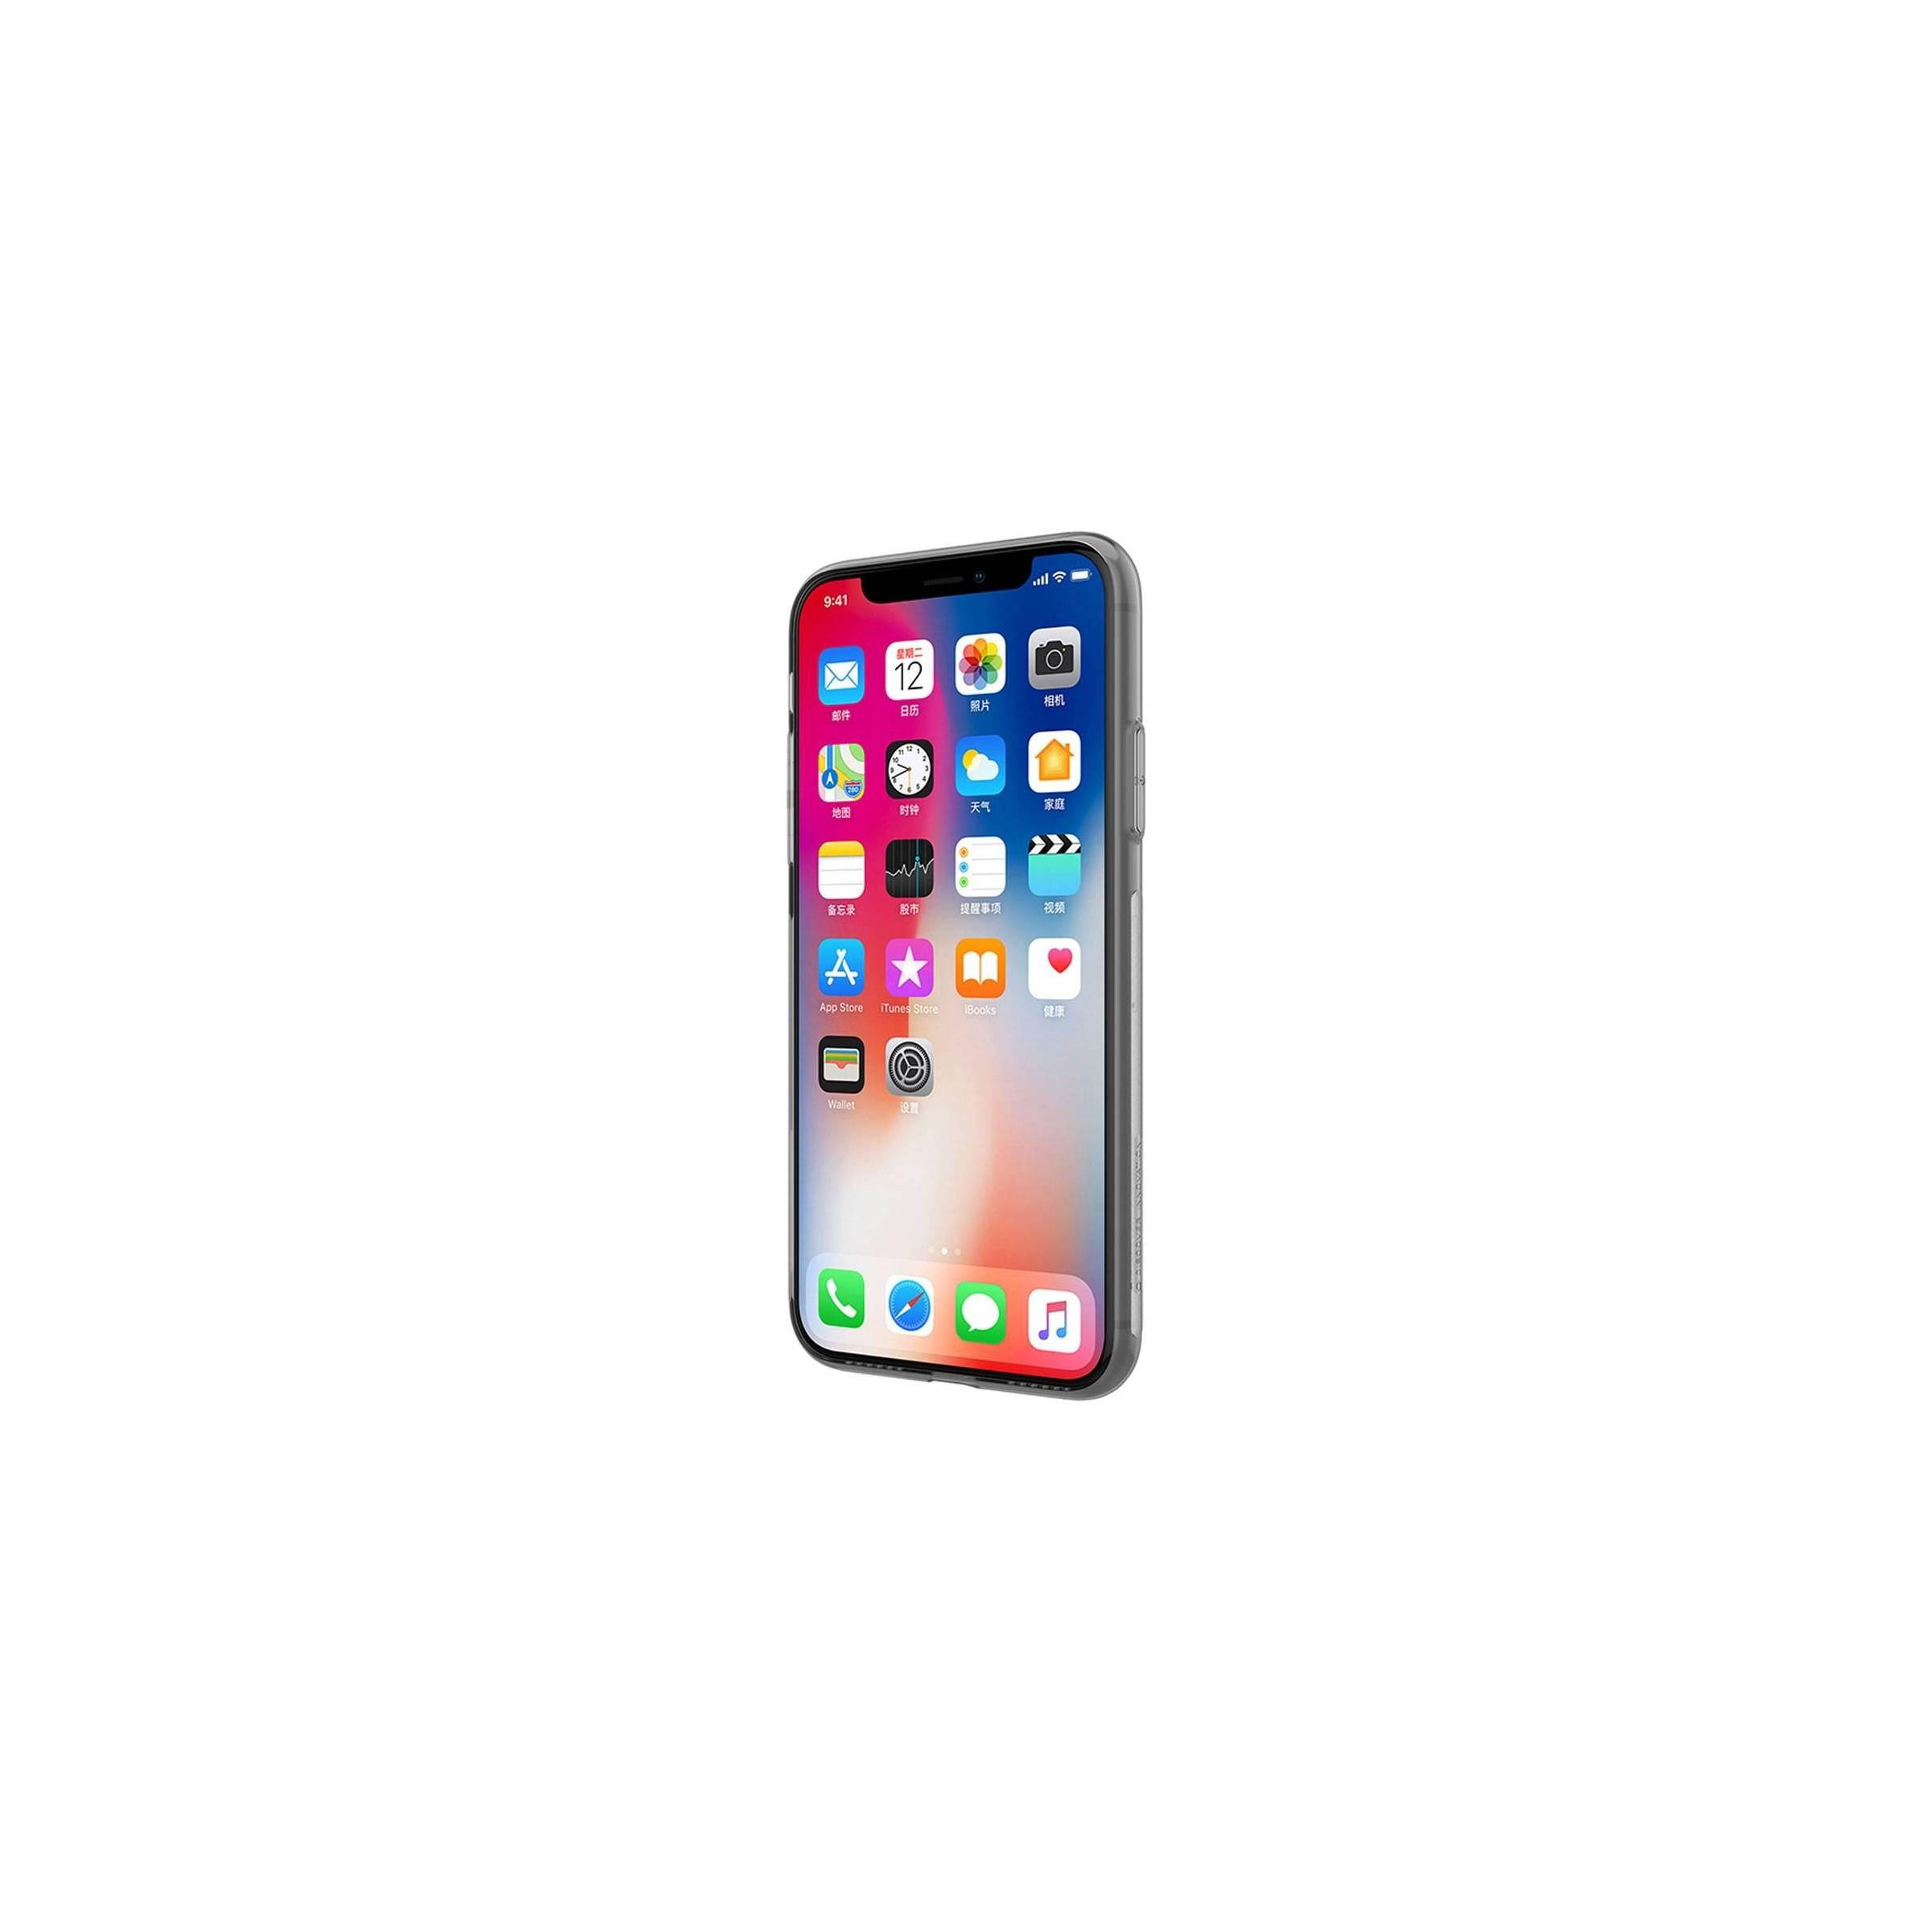 nillkin Iphone xs/x/xr/xs max silikone tyndt cover fra nillkin iphone iphone x (10) / xs fra mackabler.dk